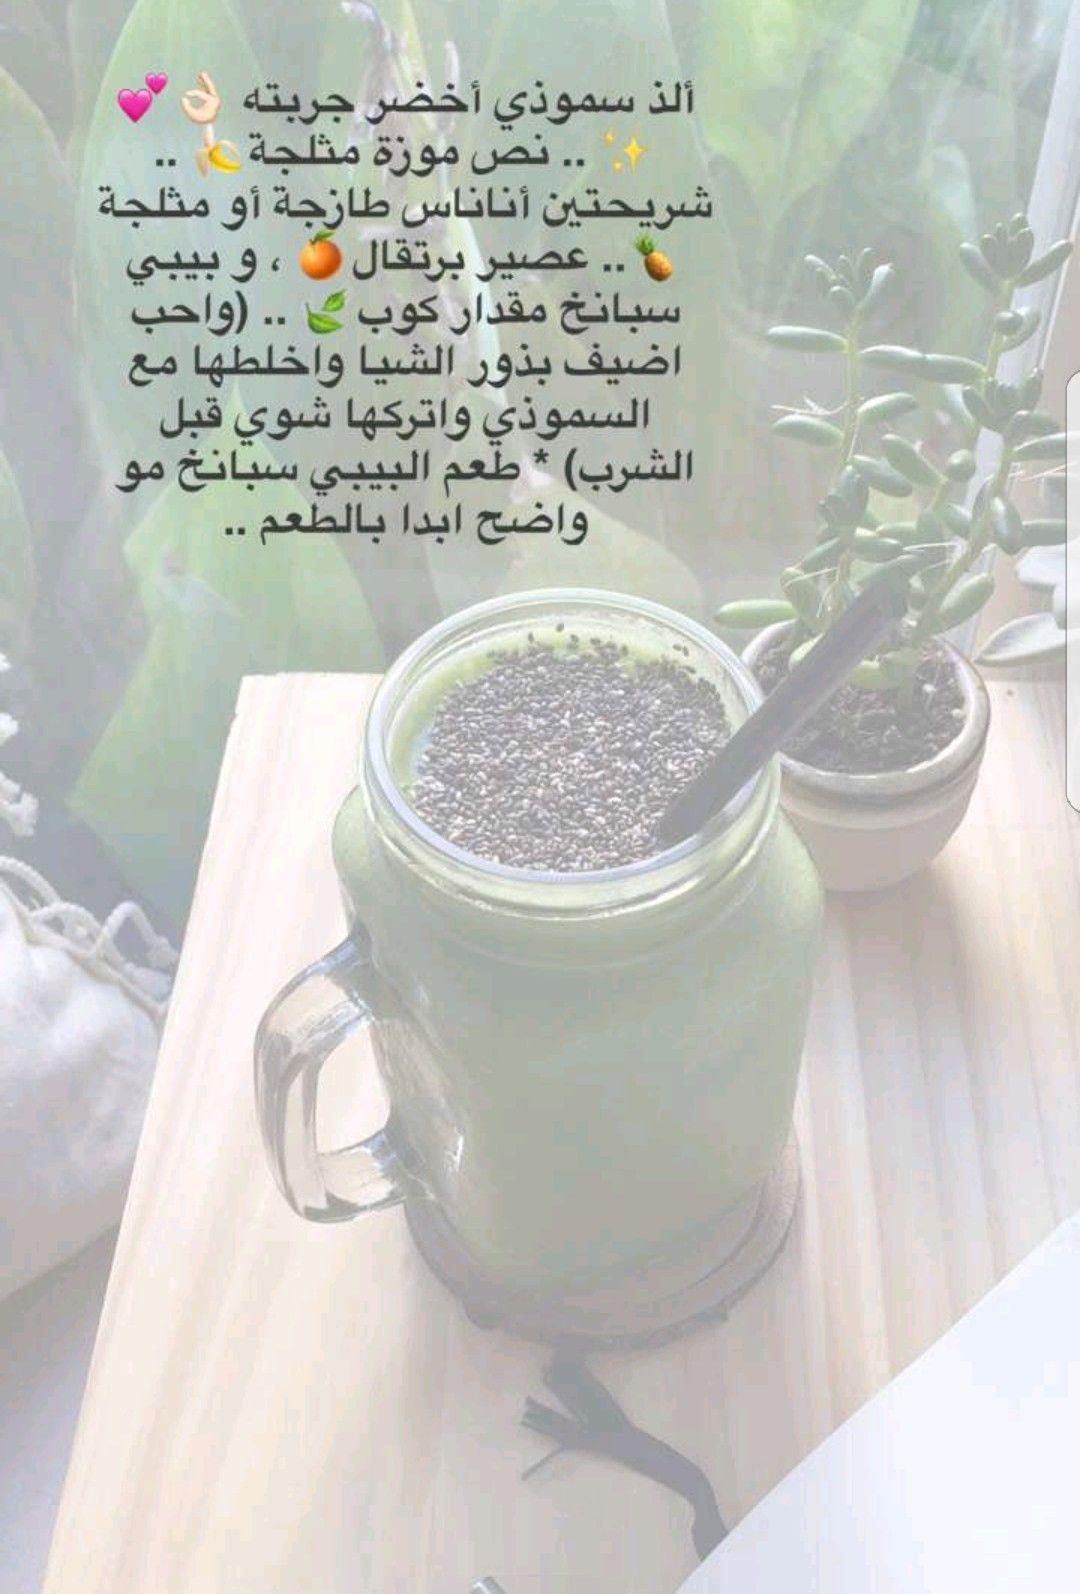 Pin By Kokah On Food And Drink Mason Jar Mug Glassware Healthy Recipes